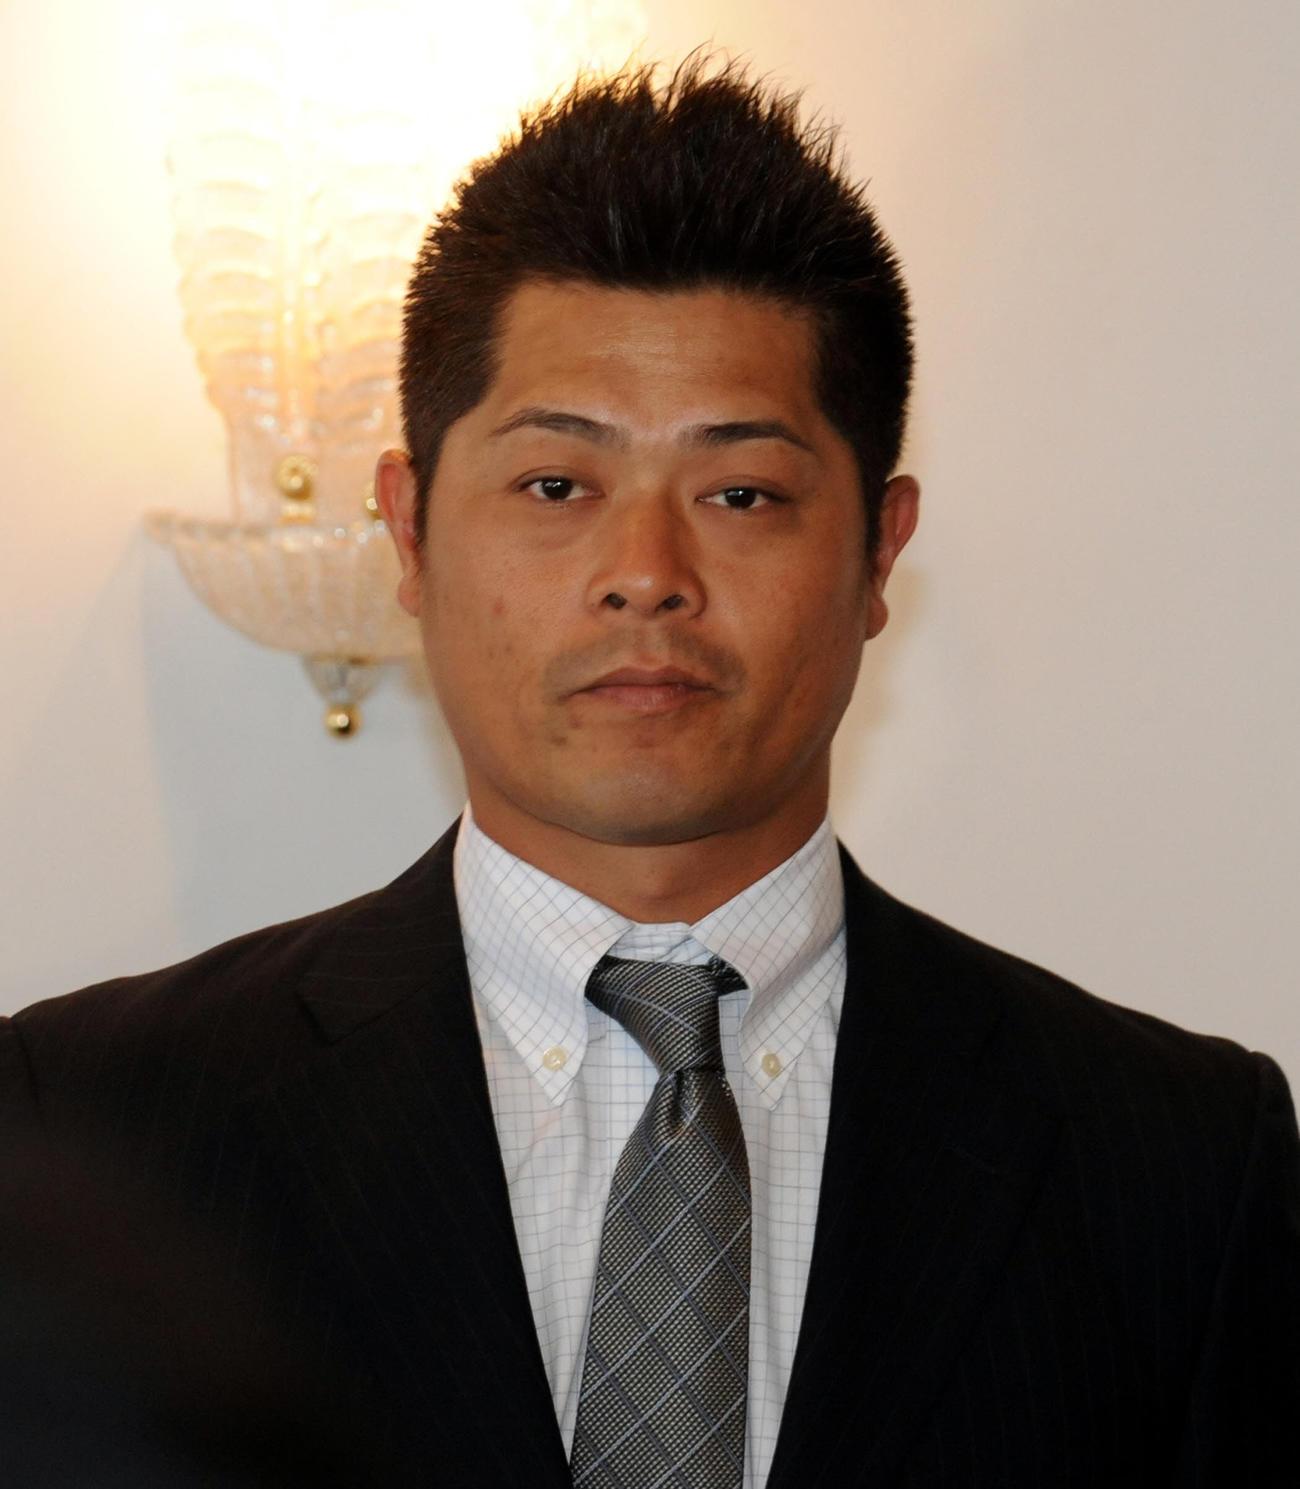 熊本火の国サラマンダーズの細川亨監督=2010年11月